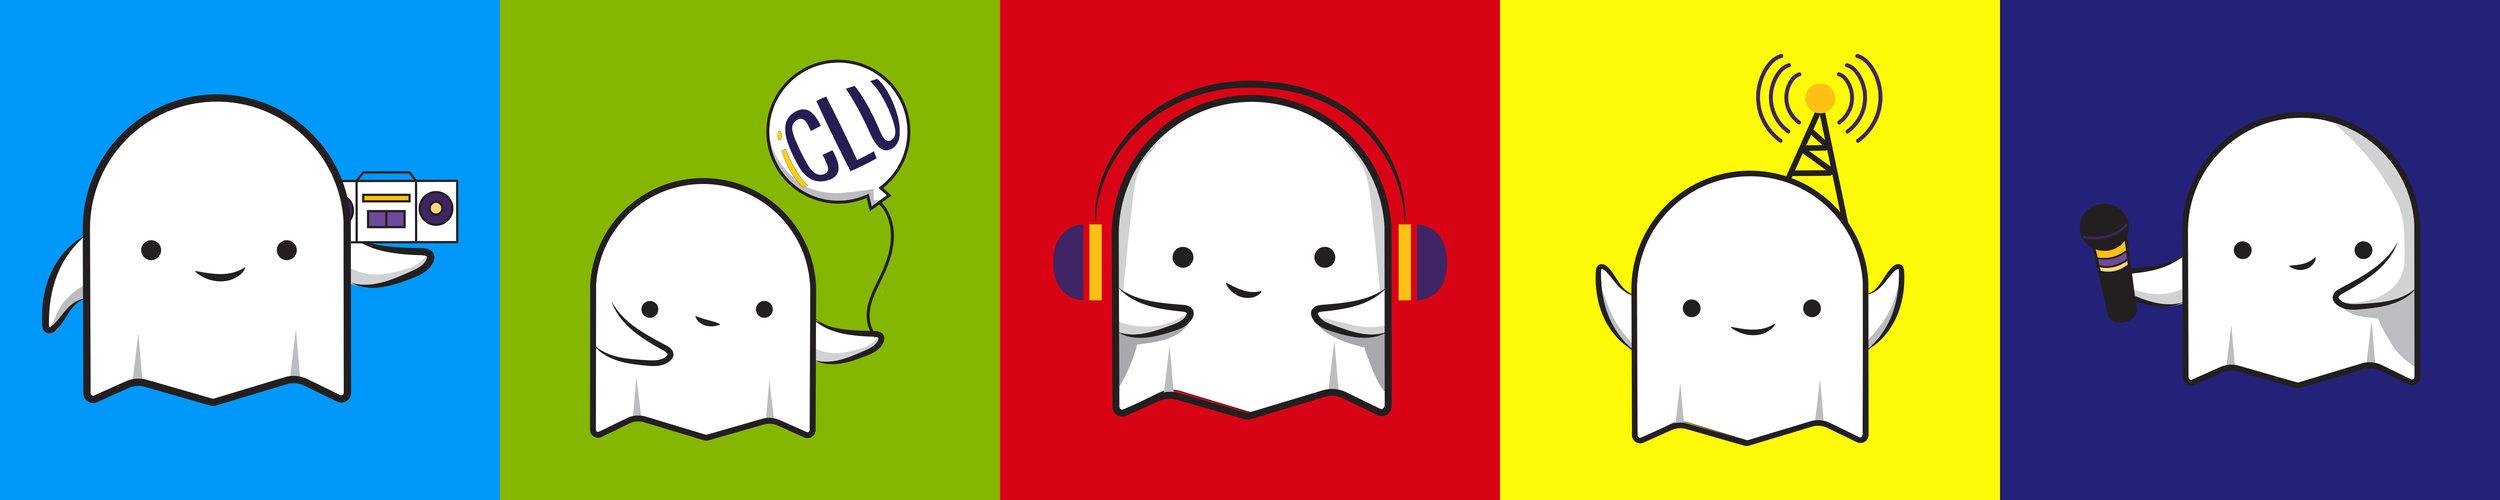 iCLU Ghosts.jpg